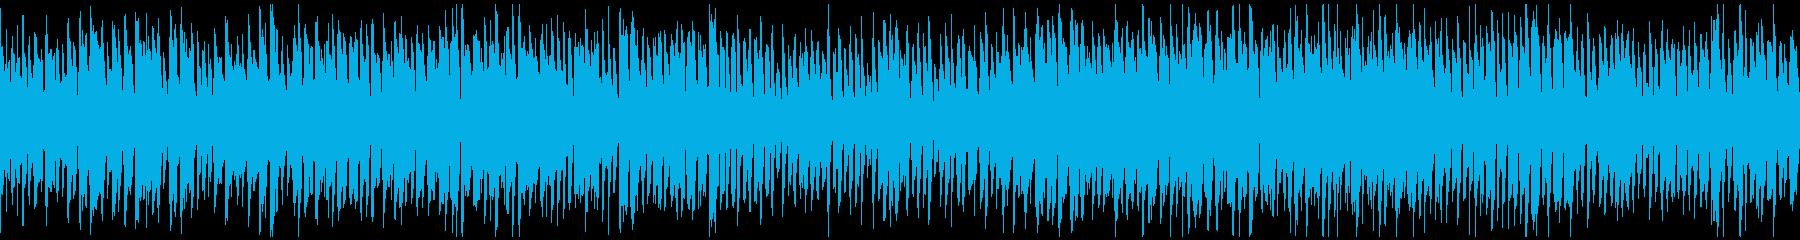 カートゥーン、どたばたギャグ ※ループ版の再生済みの波形